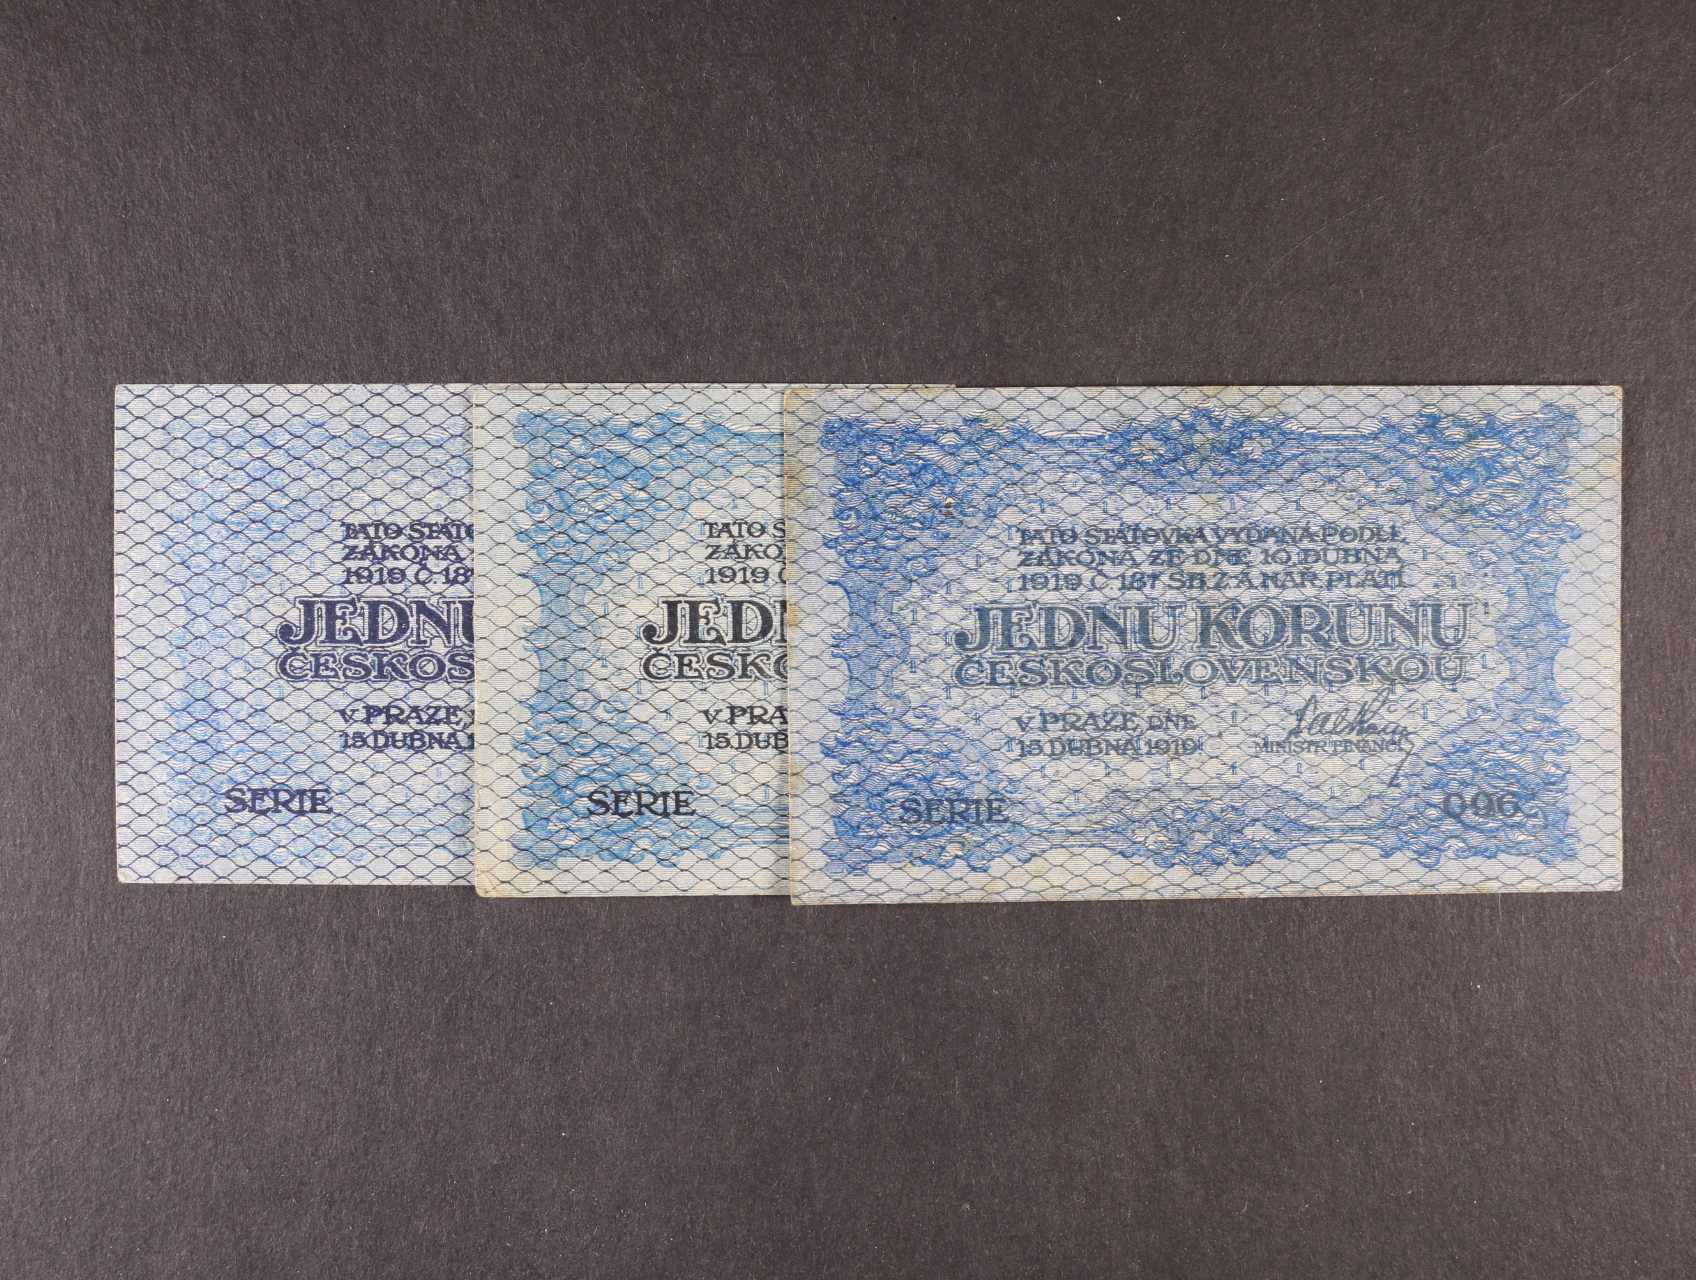 1 Kč 15.4.1919 série 062, 096, 143, modré, Ba. 7, Pi. 6a